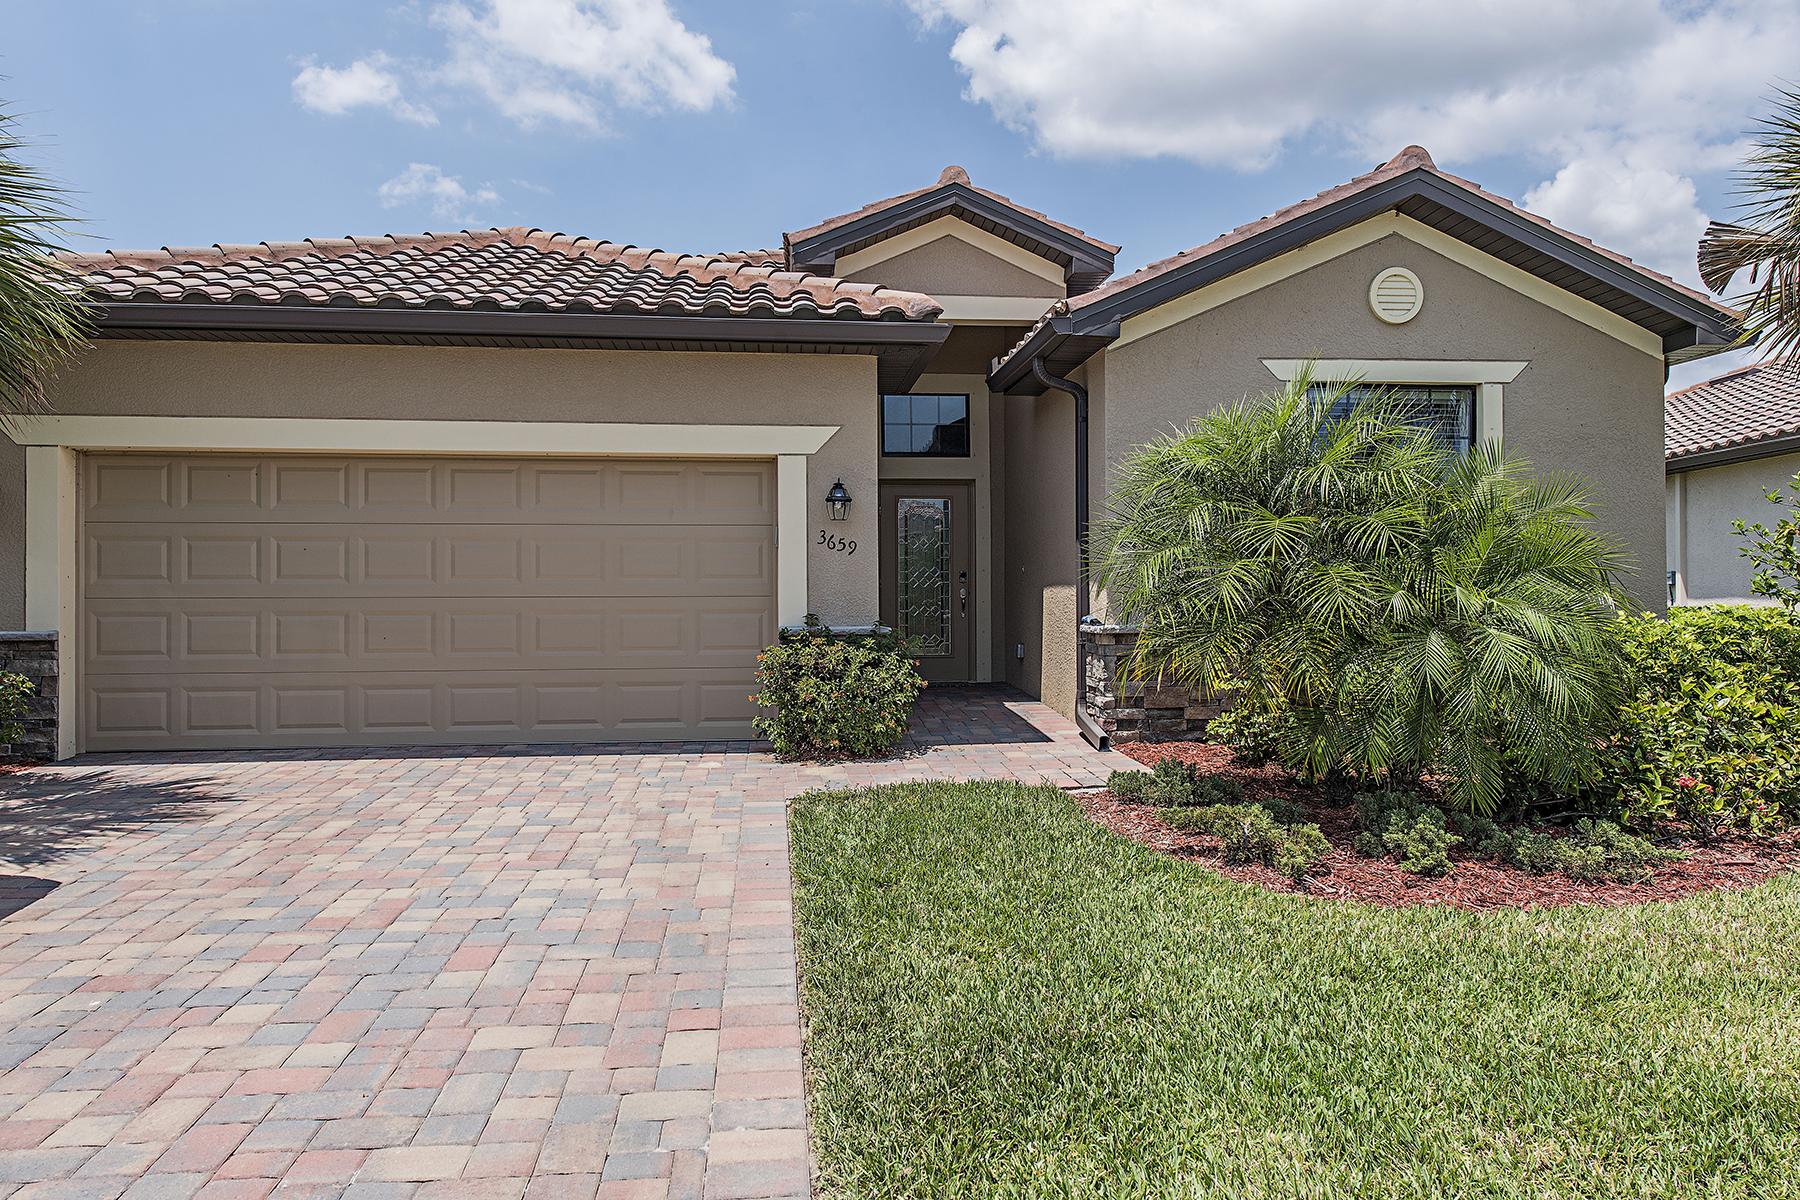 Einfamilienhaus für Verkauf beim NAPLES - COPPER COVE 3659 Treasure Cove Cir Naples, Florida, 34114 Vereinigte Staaten